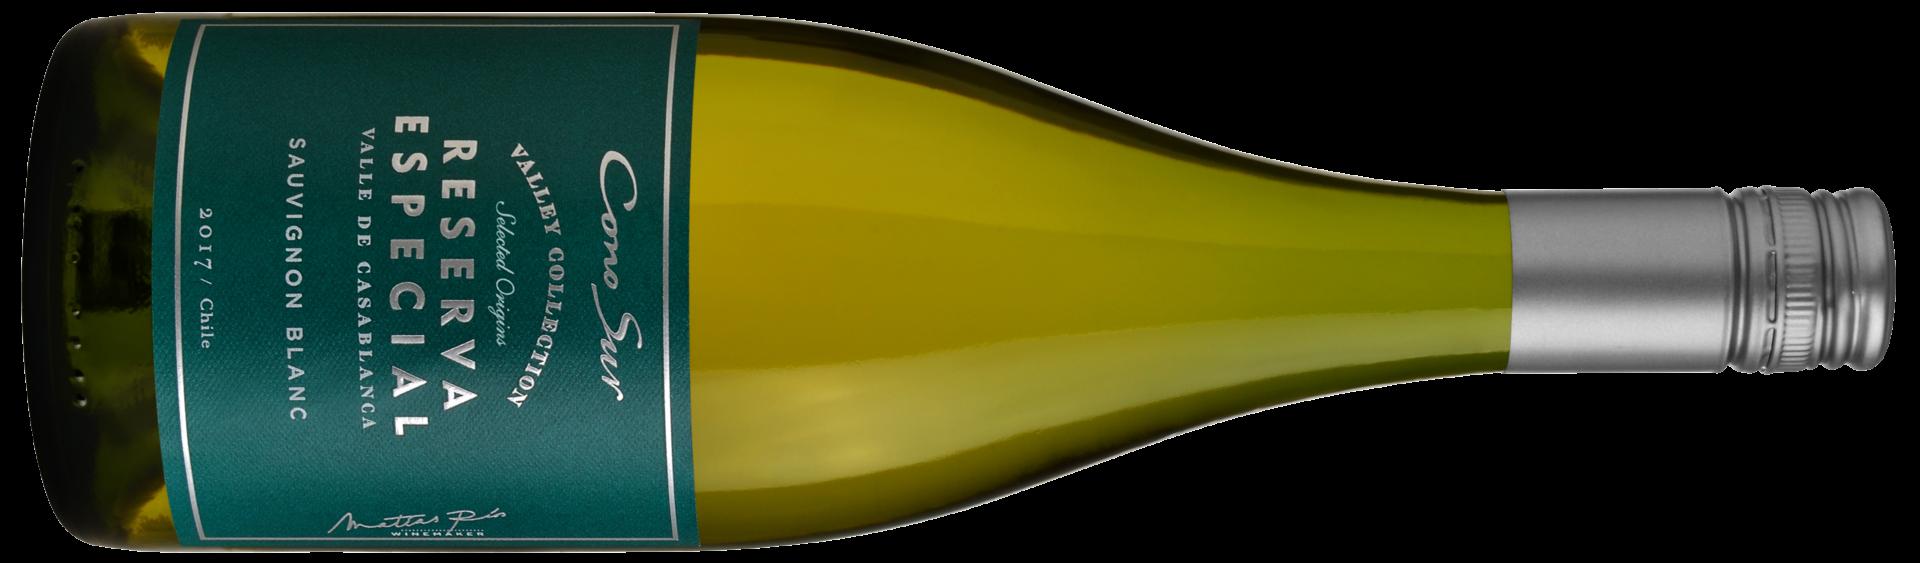 2017 Sauvignon Blanc Reserva